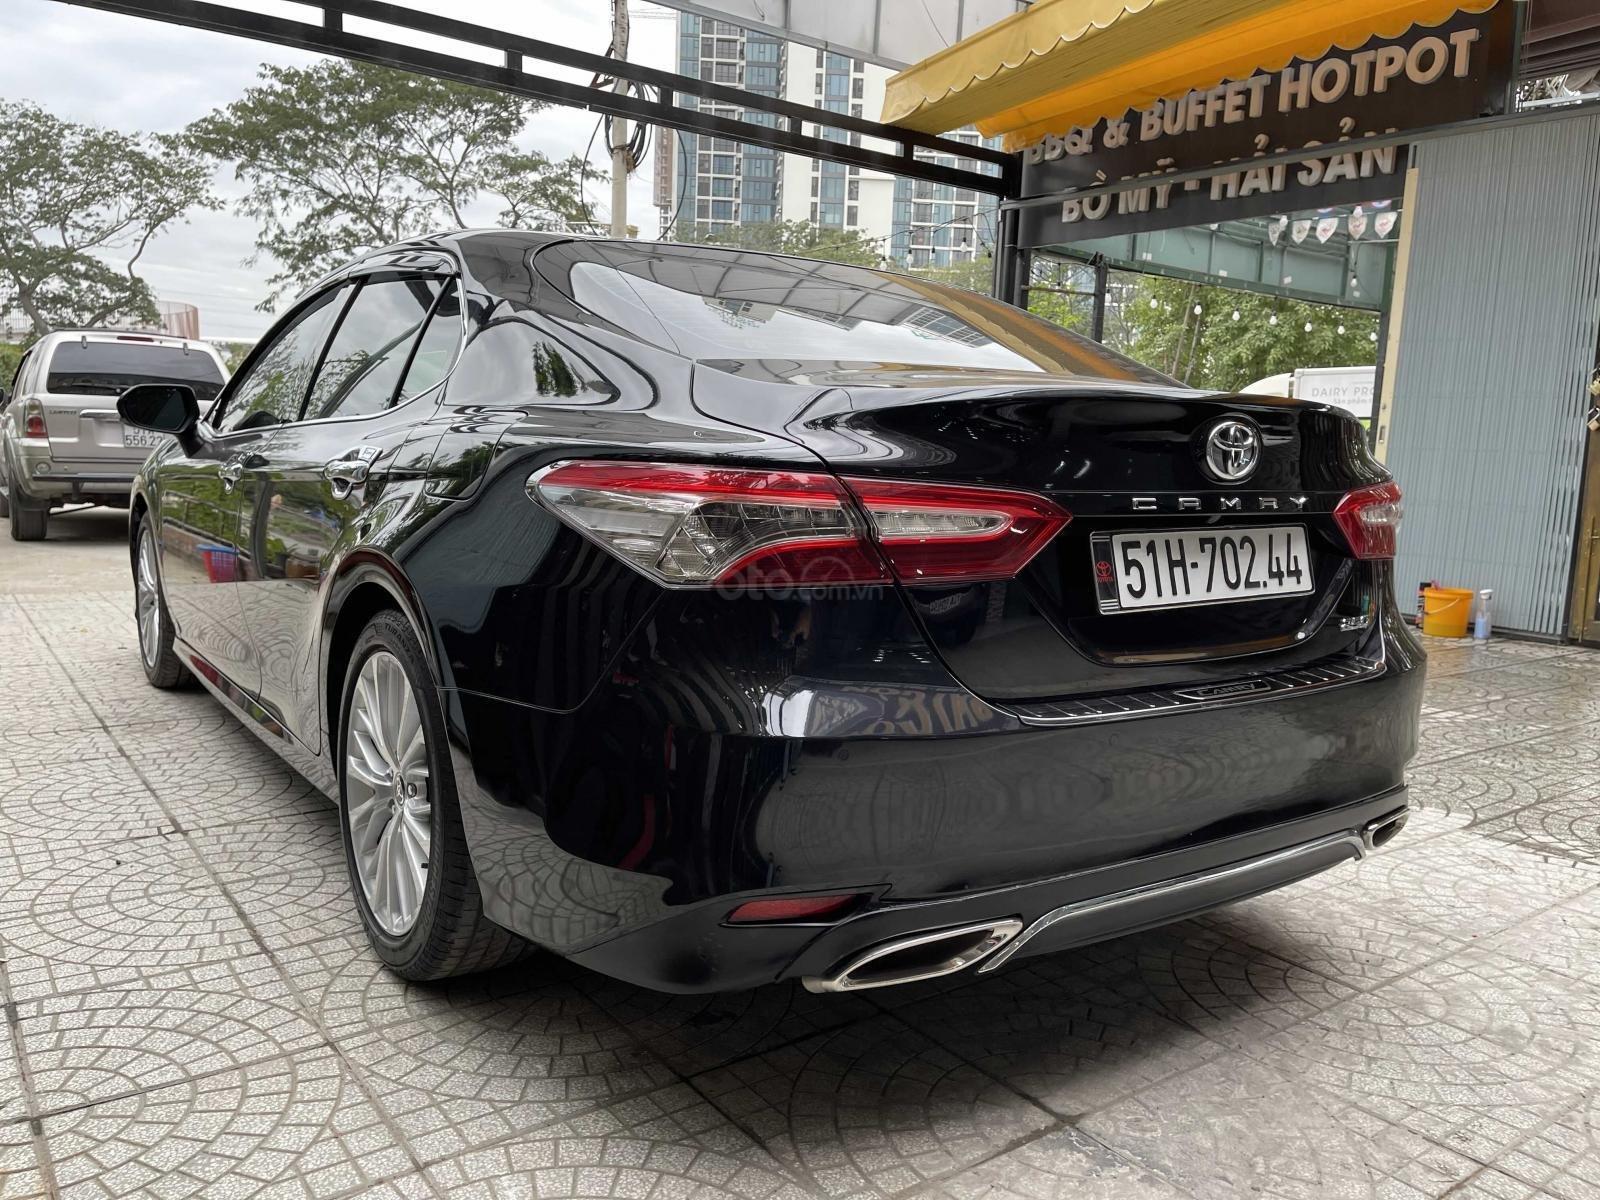 Toyota Camry 2.5Q model 2020 - Siêu lướt - Nhập khẩu  (8)